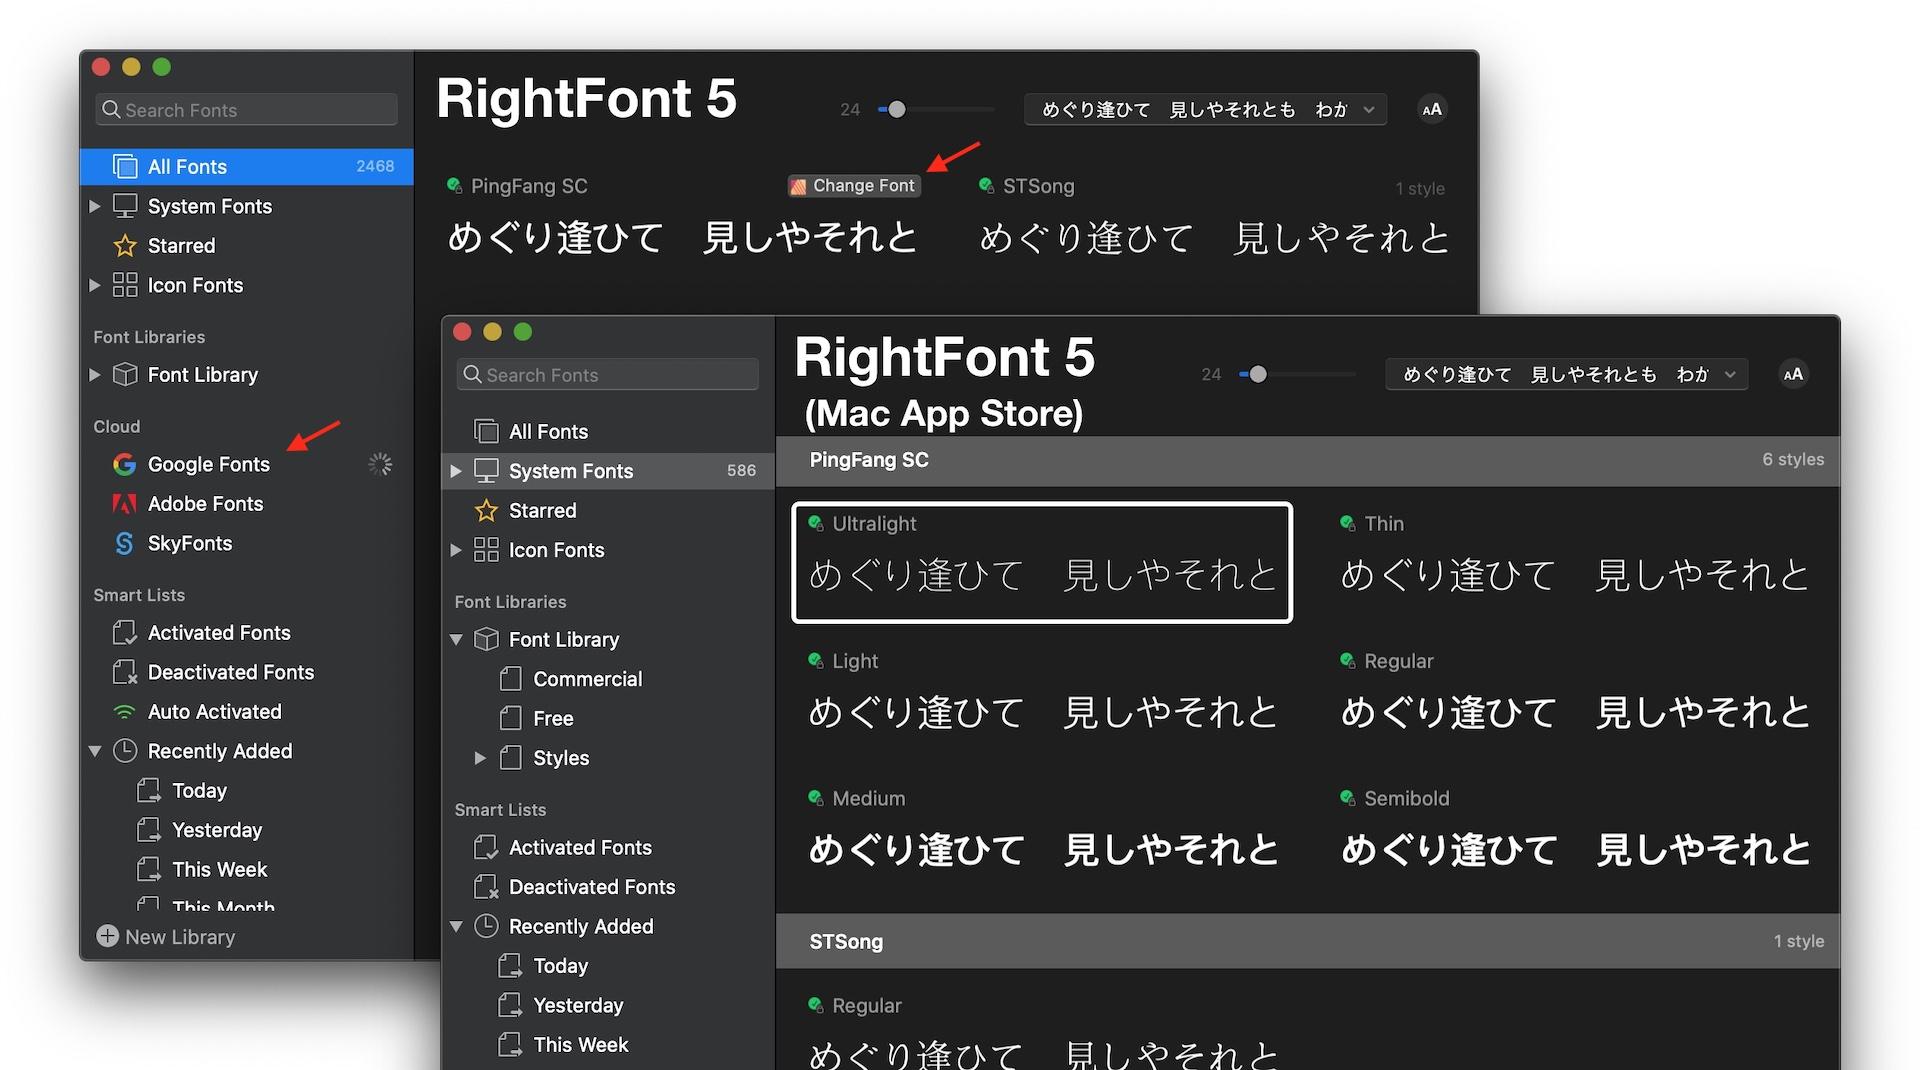 RightFont 5の機能比較